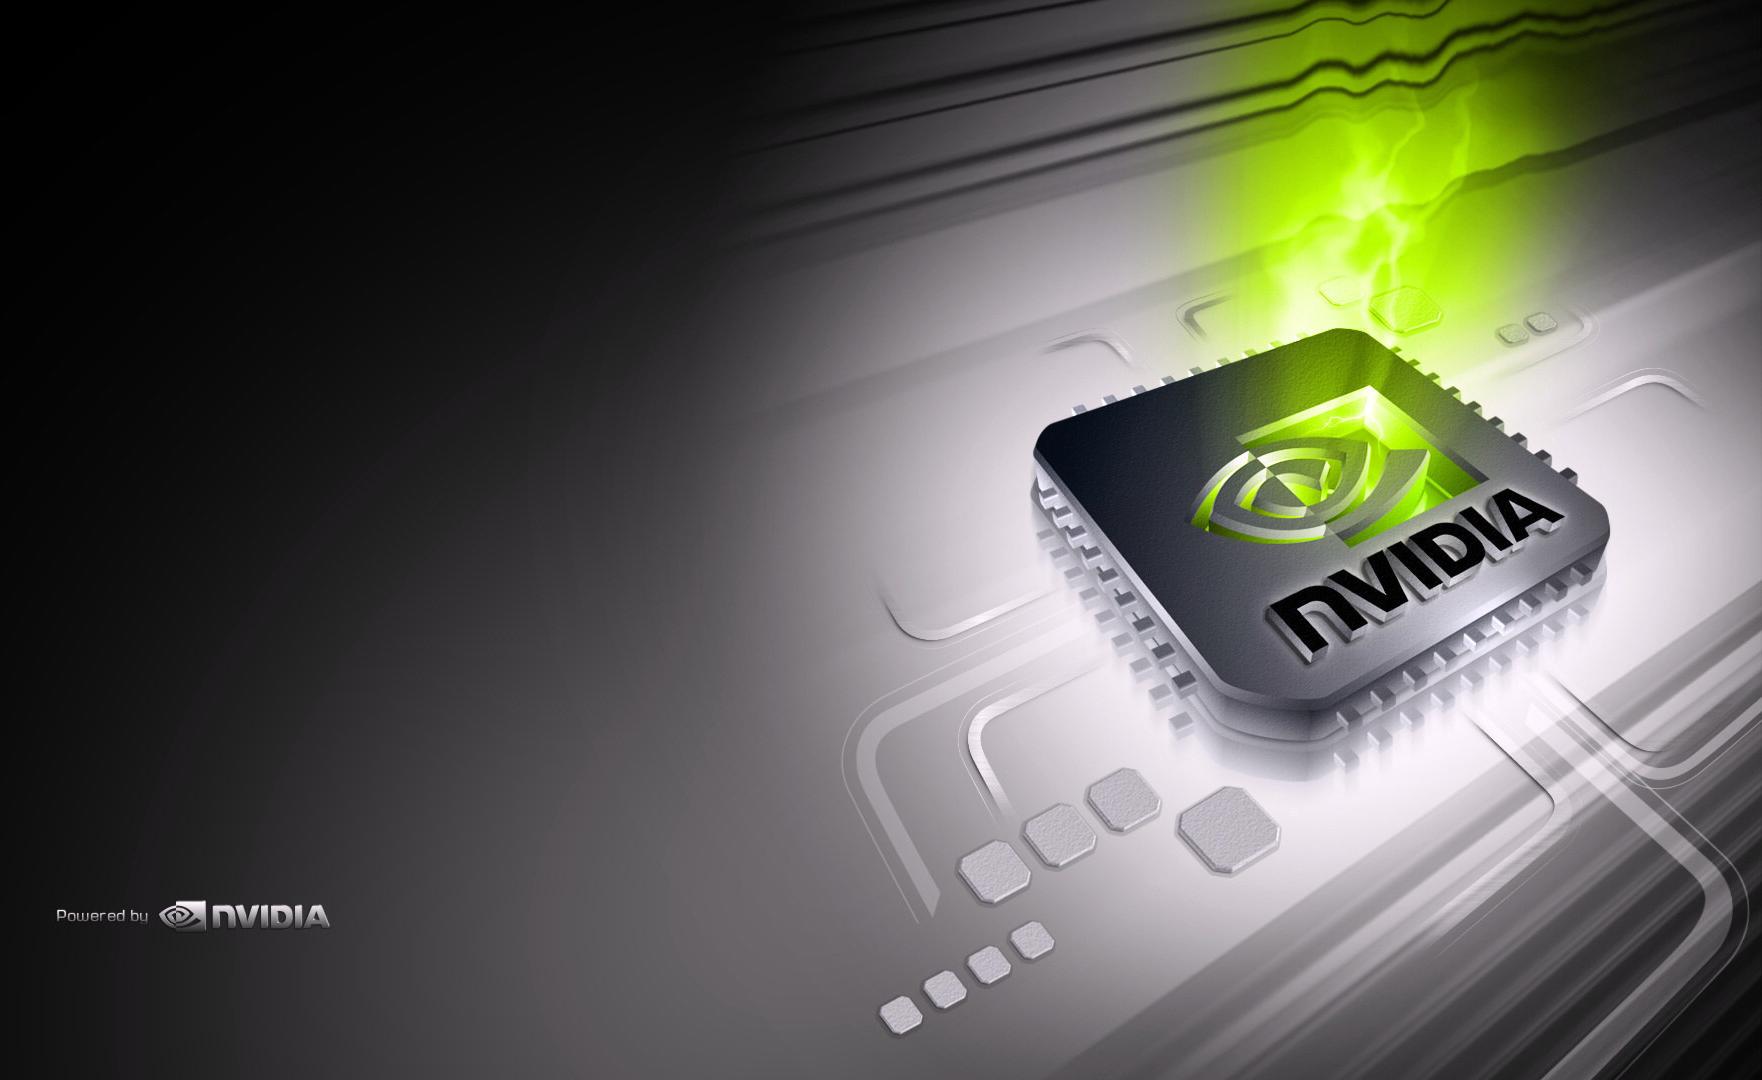 17G14019黑苹果NVIDIA显卡驱动WebDriver-387.10.10.10.40.138.pkg下载